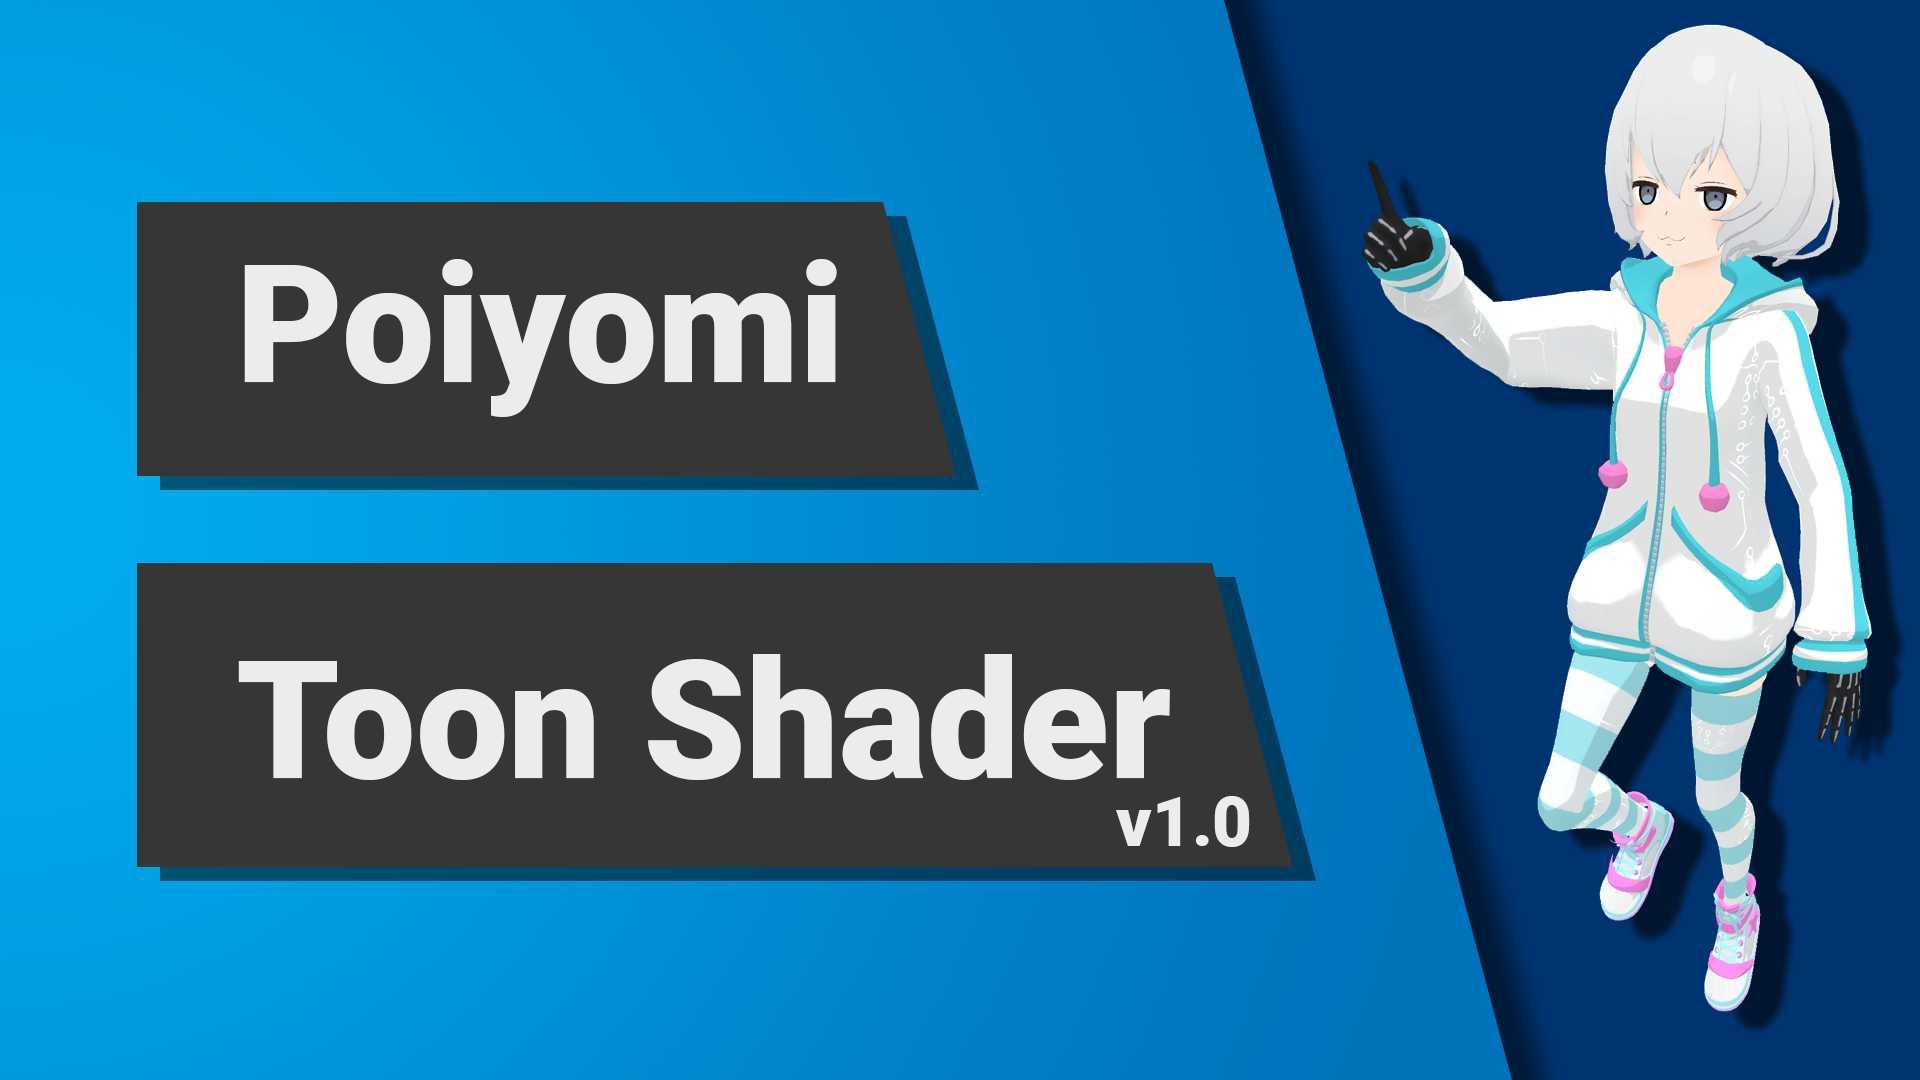 VRCMods - Poiyomi Toon Shader v1 0 - VRChat Avatars